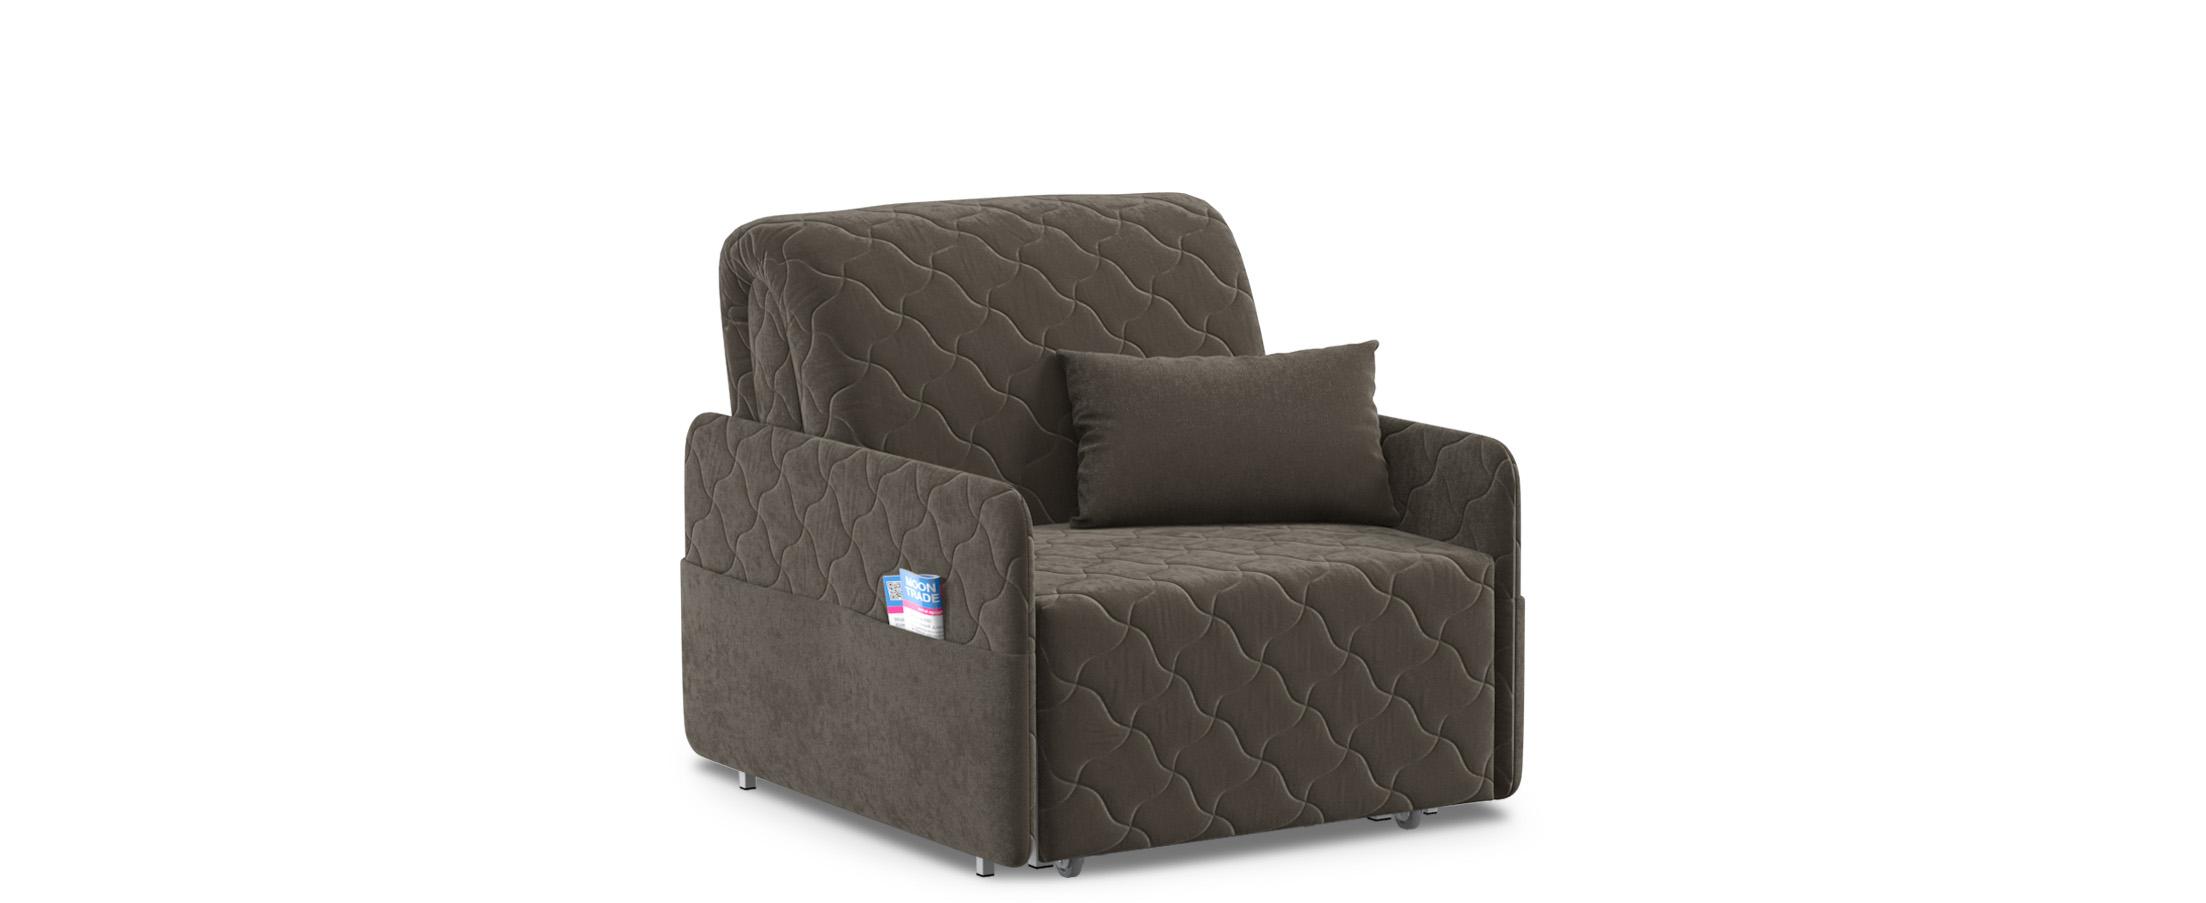 Кресло-кровать Страйк 119Купить коричневое кресло-кровать Страйк 119. Доставка от 1 дня. Подъём, сборка, вынос упаковки. Гарантия 18 месяцев. Интернет-магазин мебели MOON-TRADE.RU